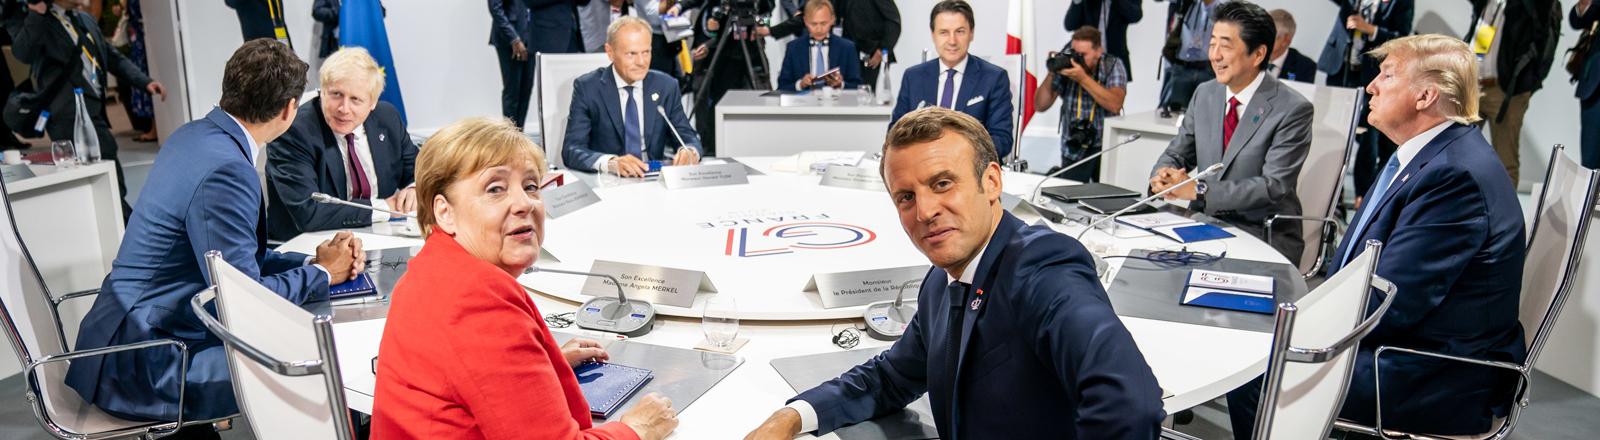 Die Staats- und Regierungschefs der sieben führenden Industrienationen an einem Konferenztisch.